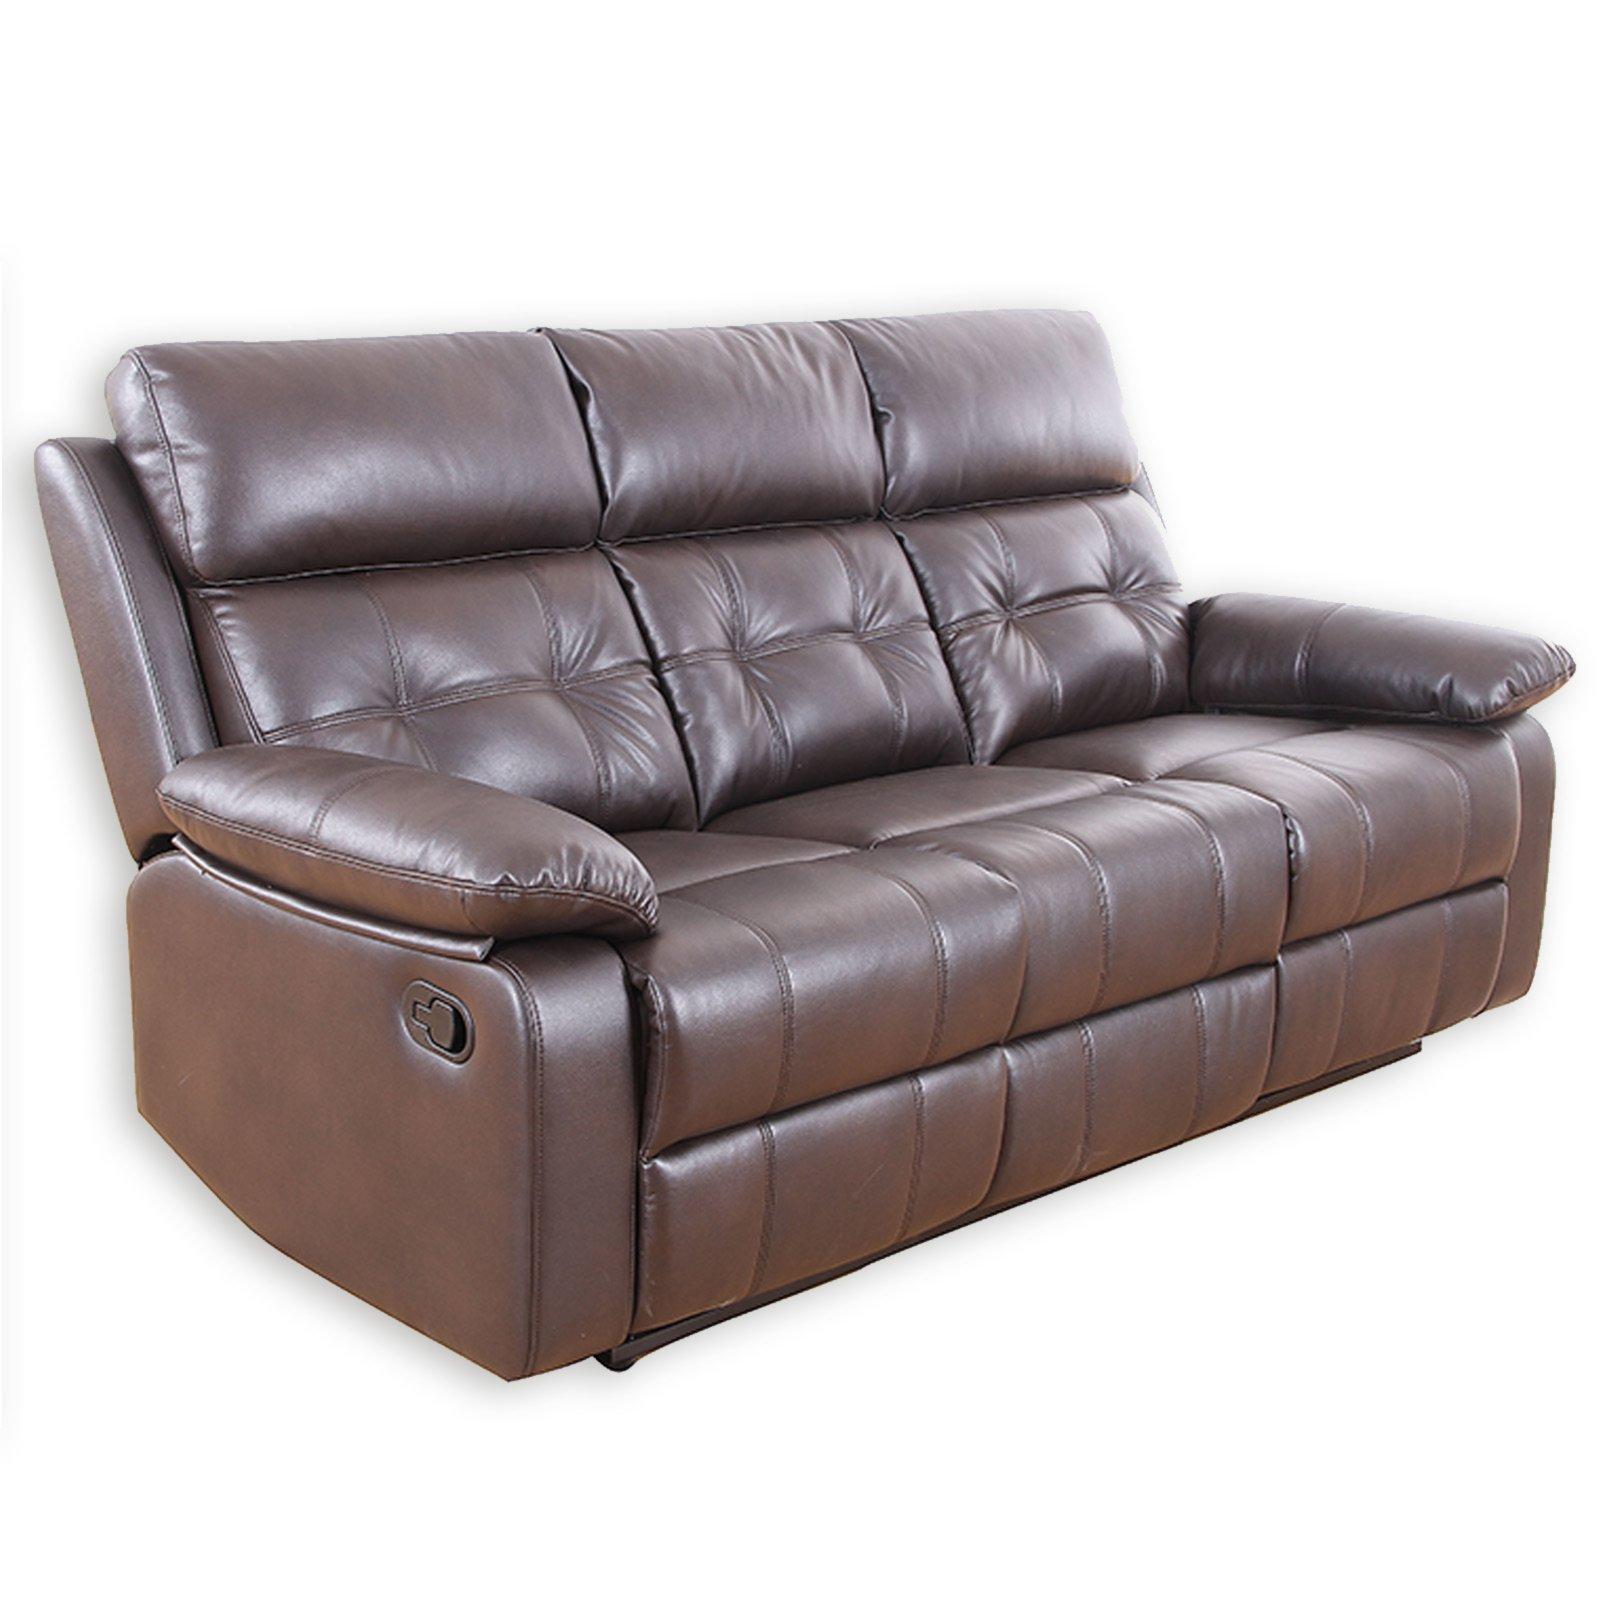 Geräumig 3 Sitzer Couch Das Beste Von 3-sitzer Sofa - Dunkelbraun - Kunstleder -